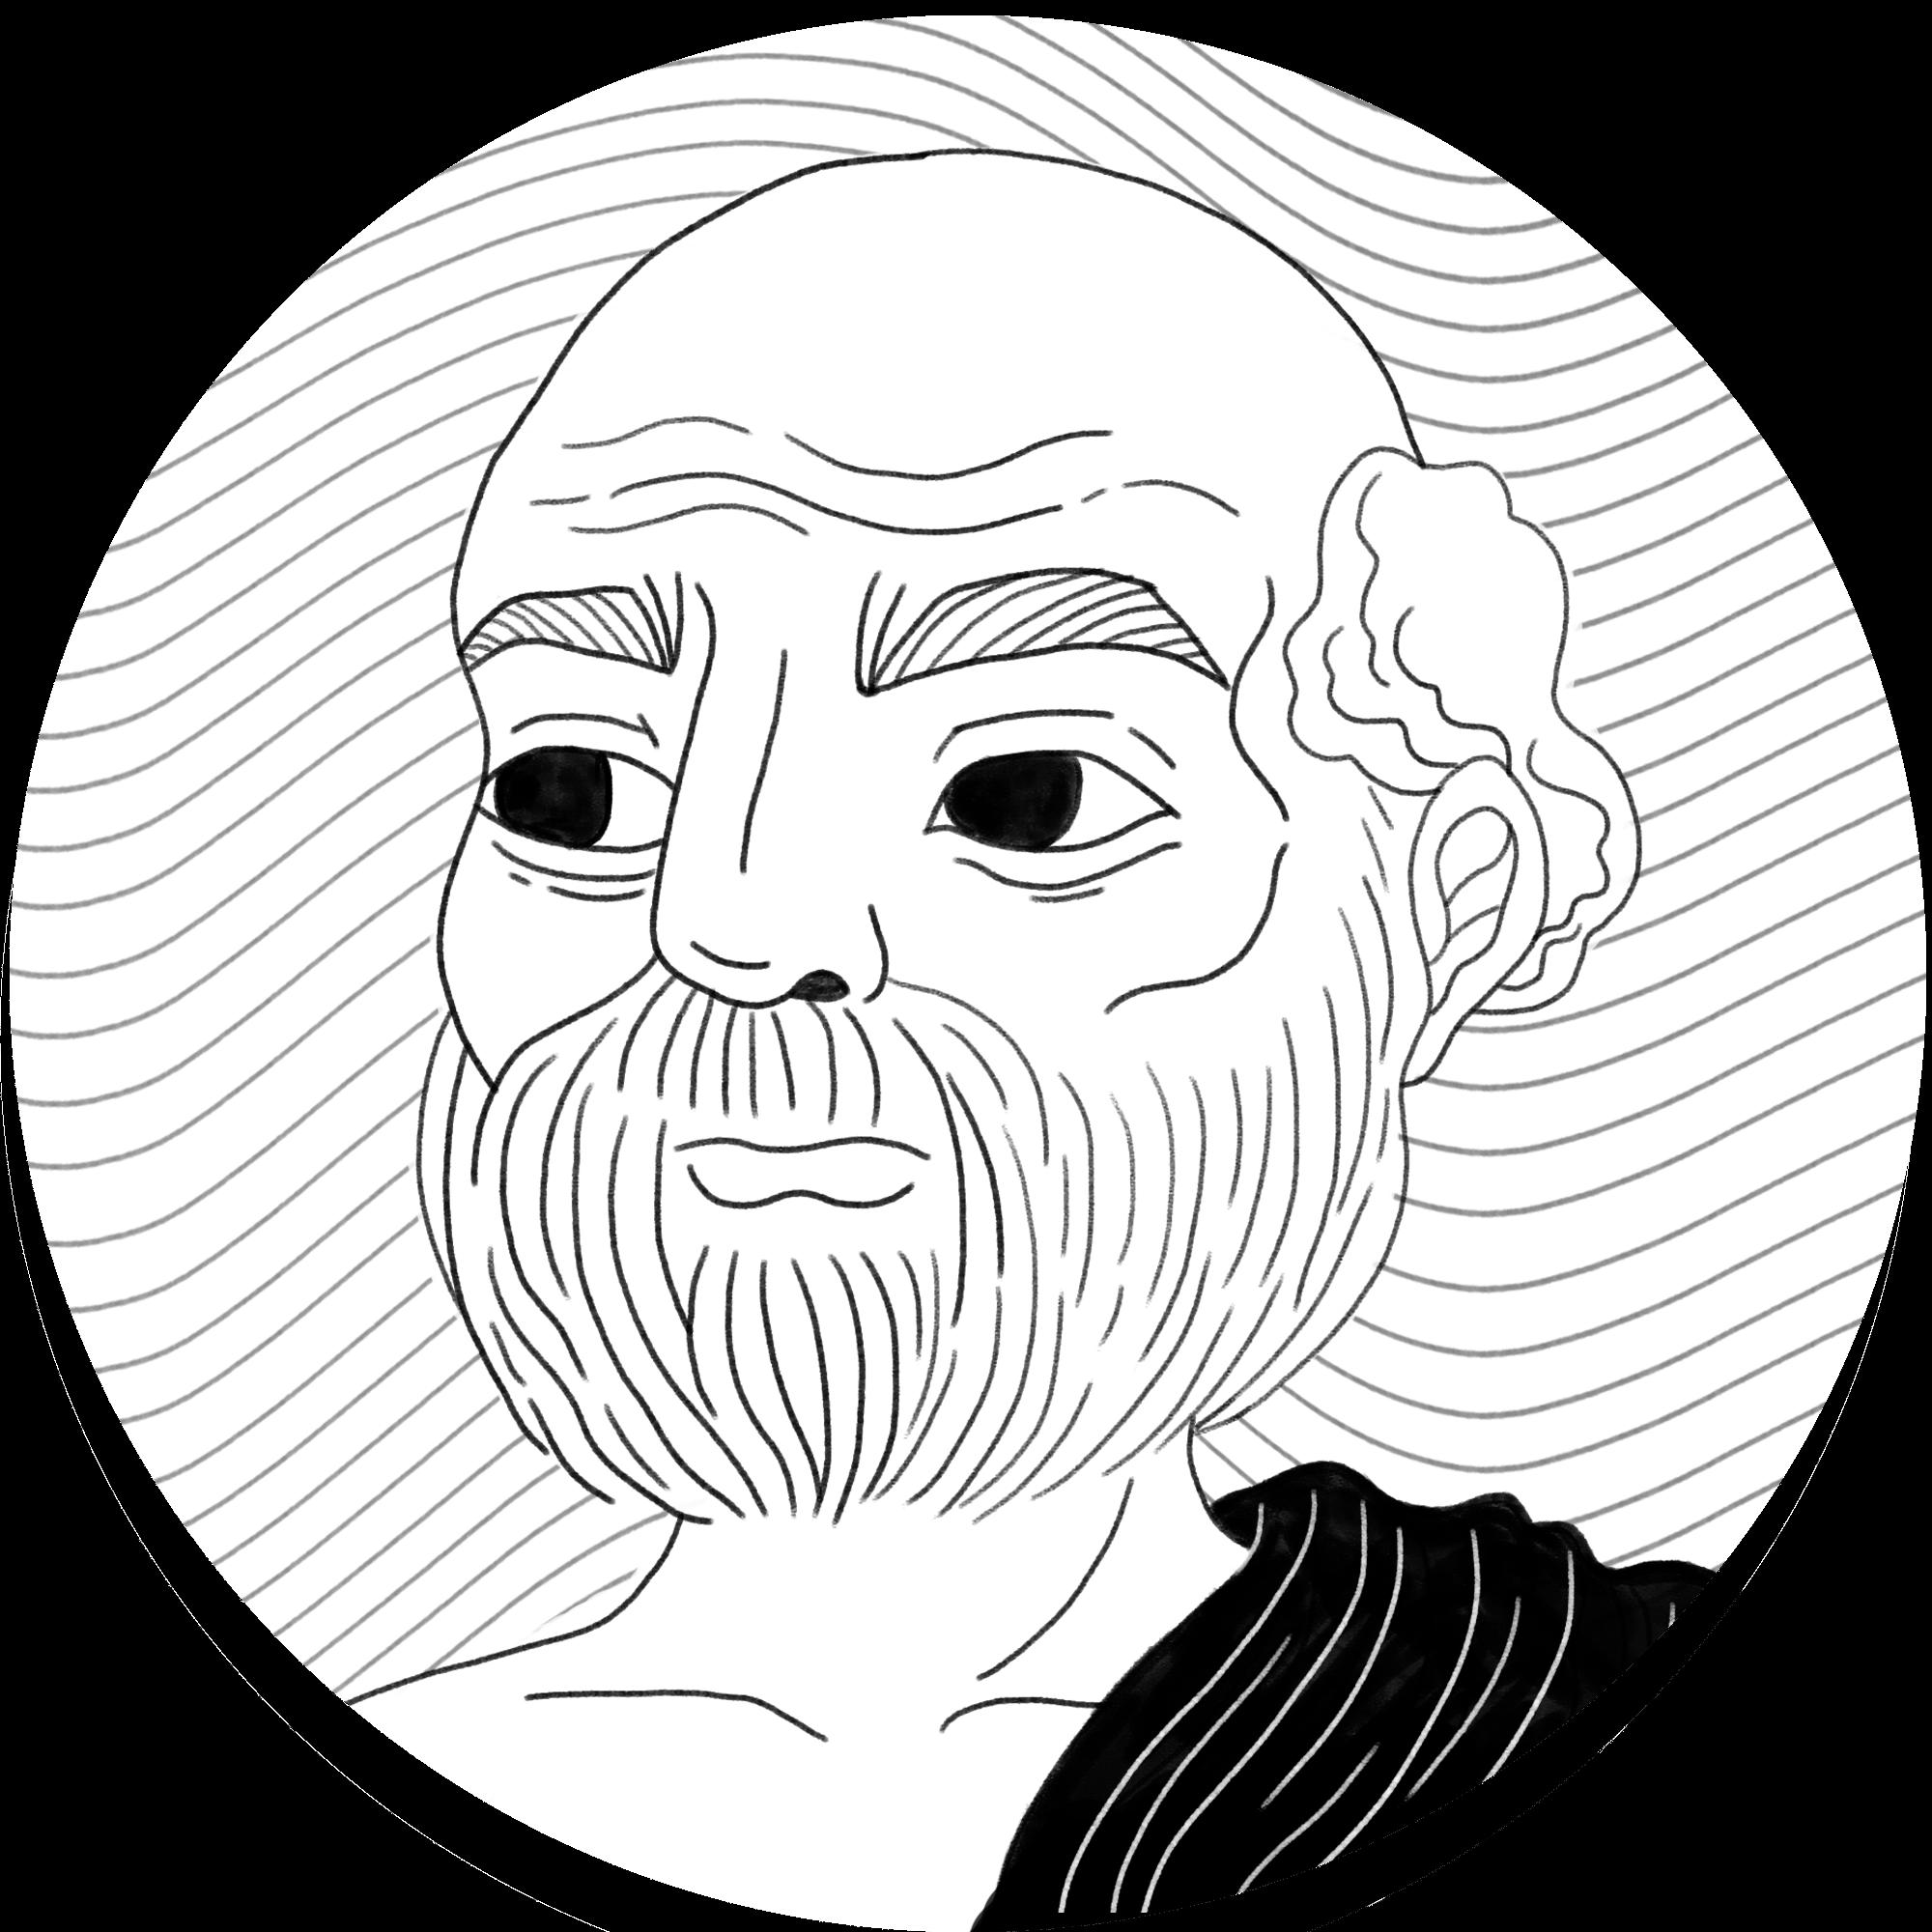 Aristerchus